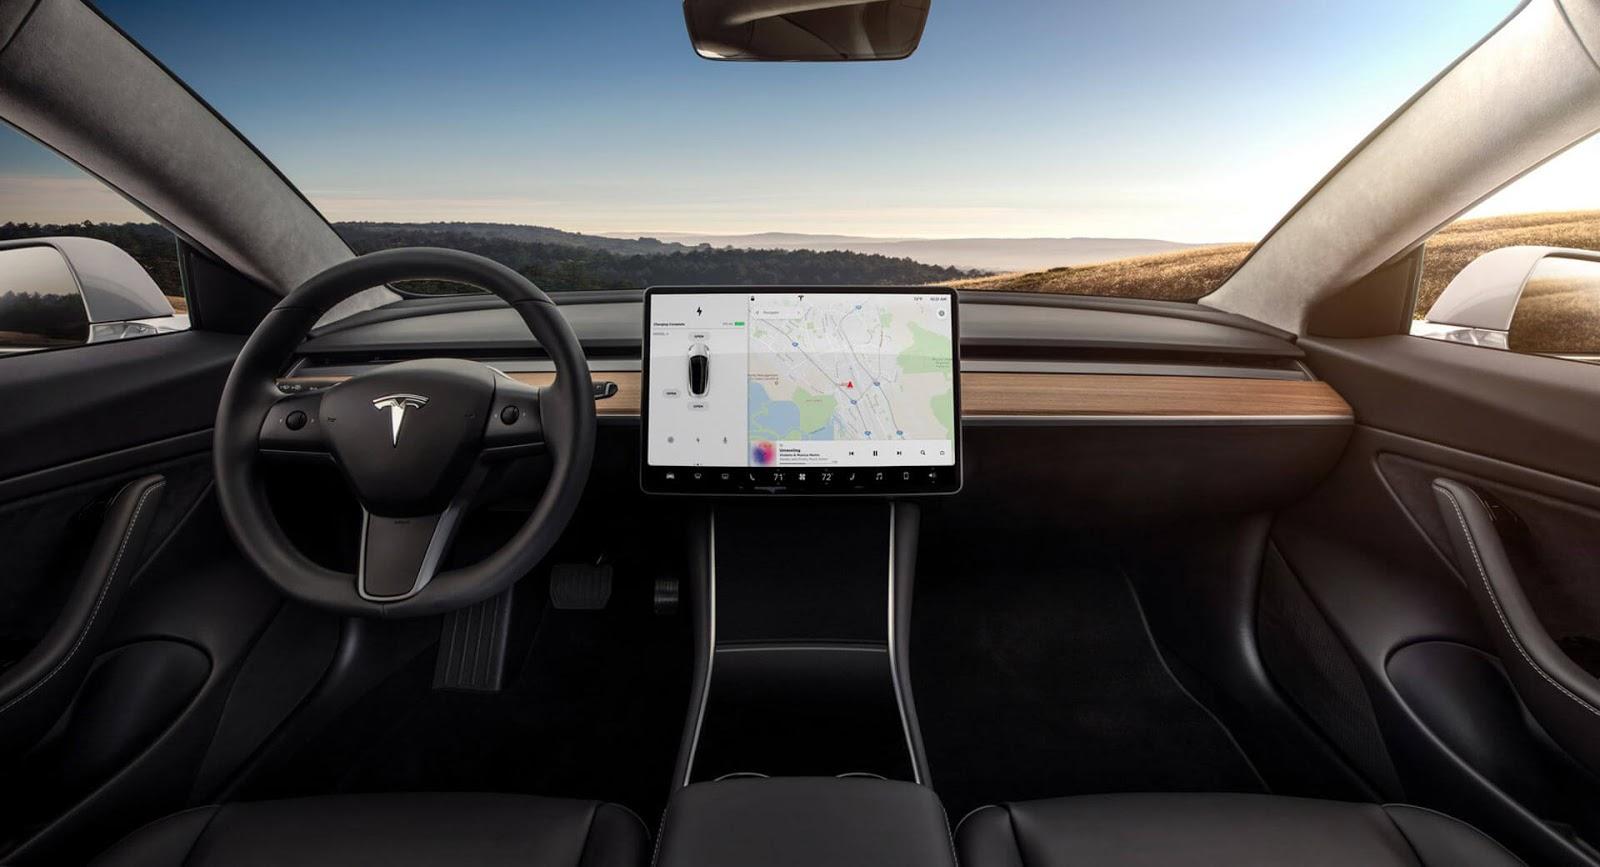 Tesla-Model-S-Voice-Command-Update-.jpg